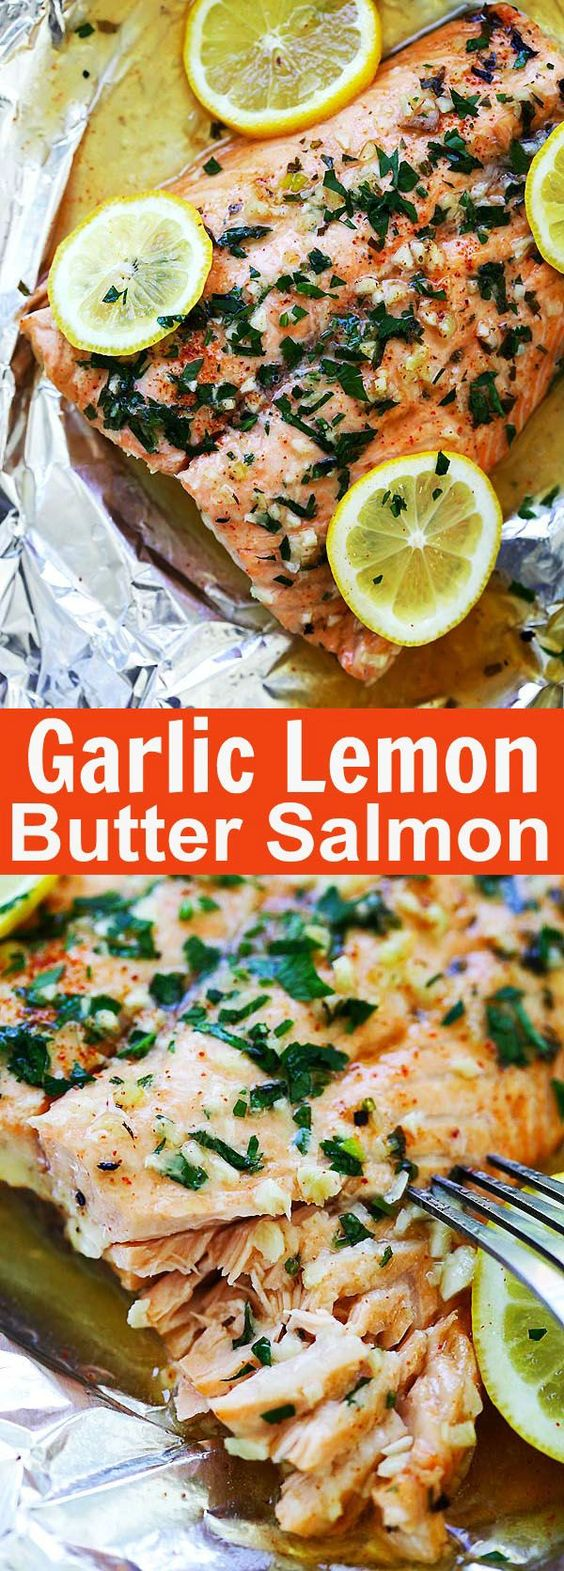 Garlic Lemon Butter Salmon Delicious